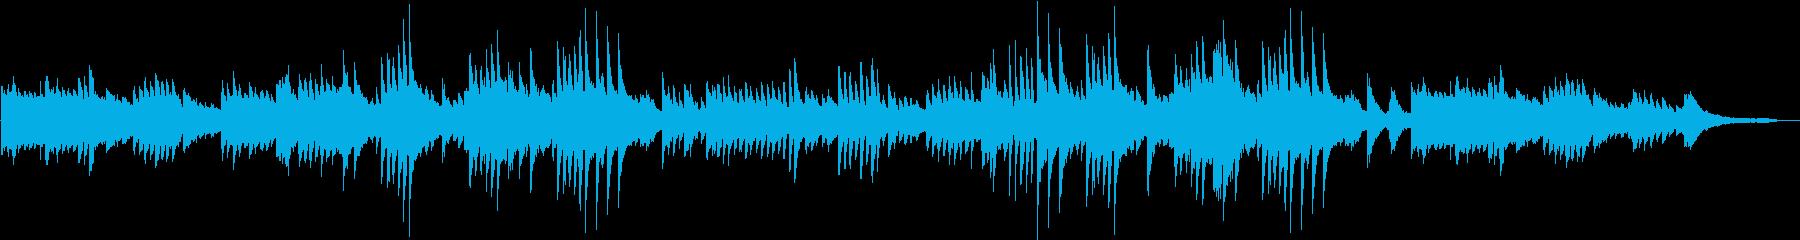 しっとりと優雅に弾いた美しいピアノBGMの再生済みの波形